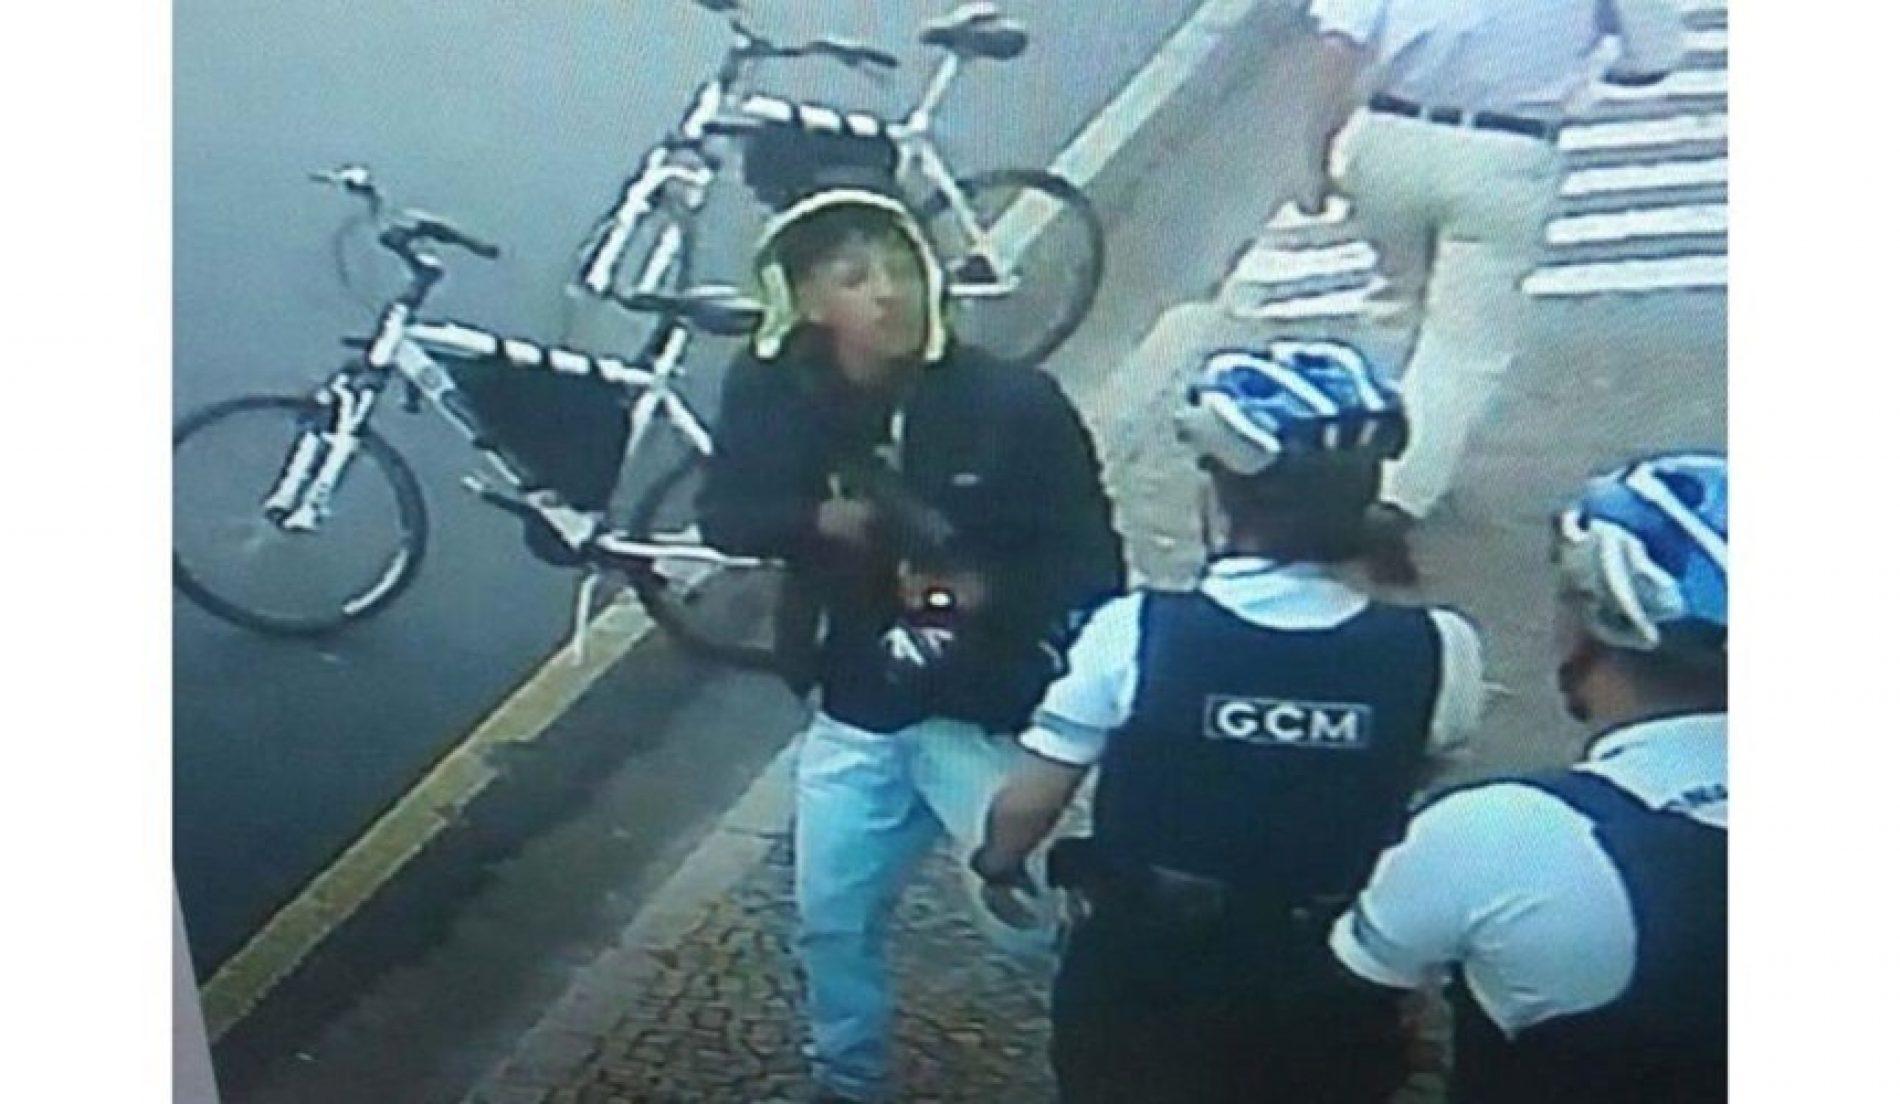 RIO PRETO – Assalto a joalheria termina com um jovem morto e dois guardas feridos. (VÍDEOS)